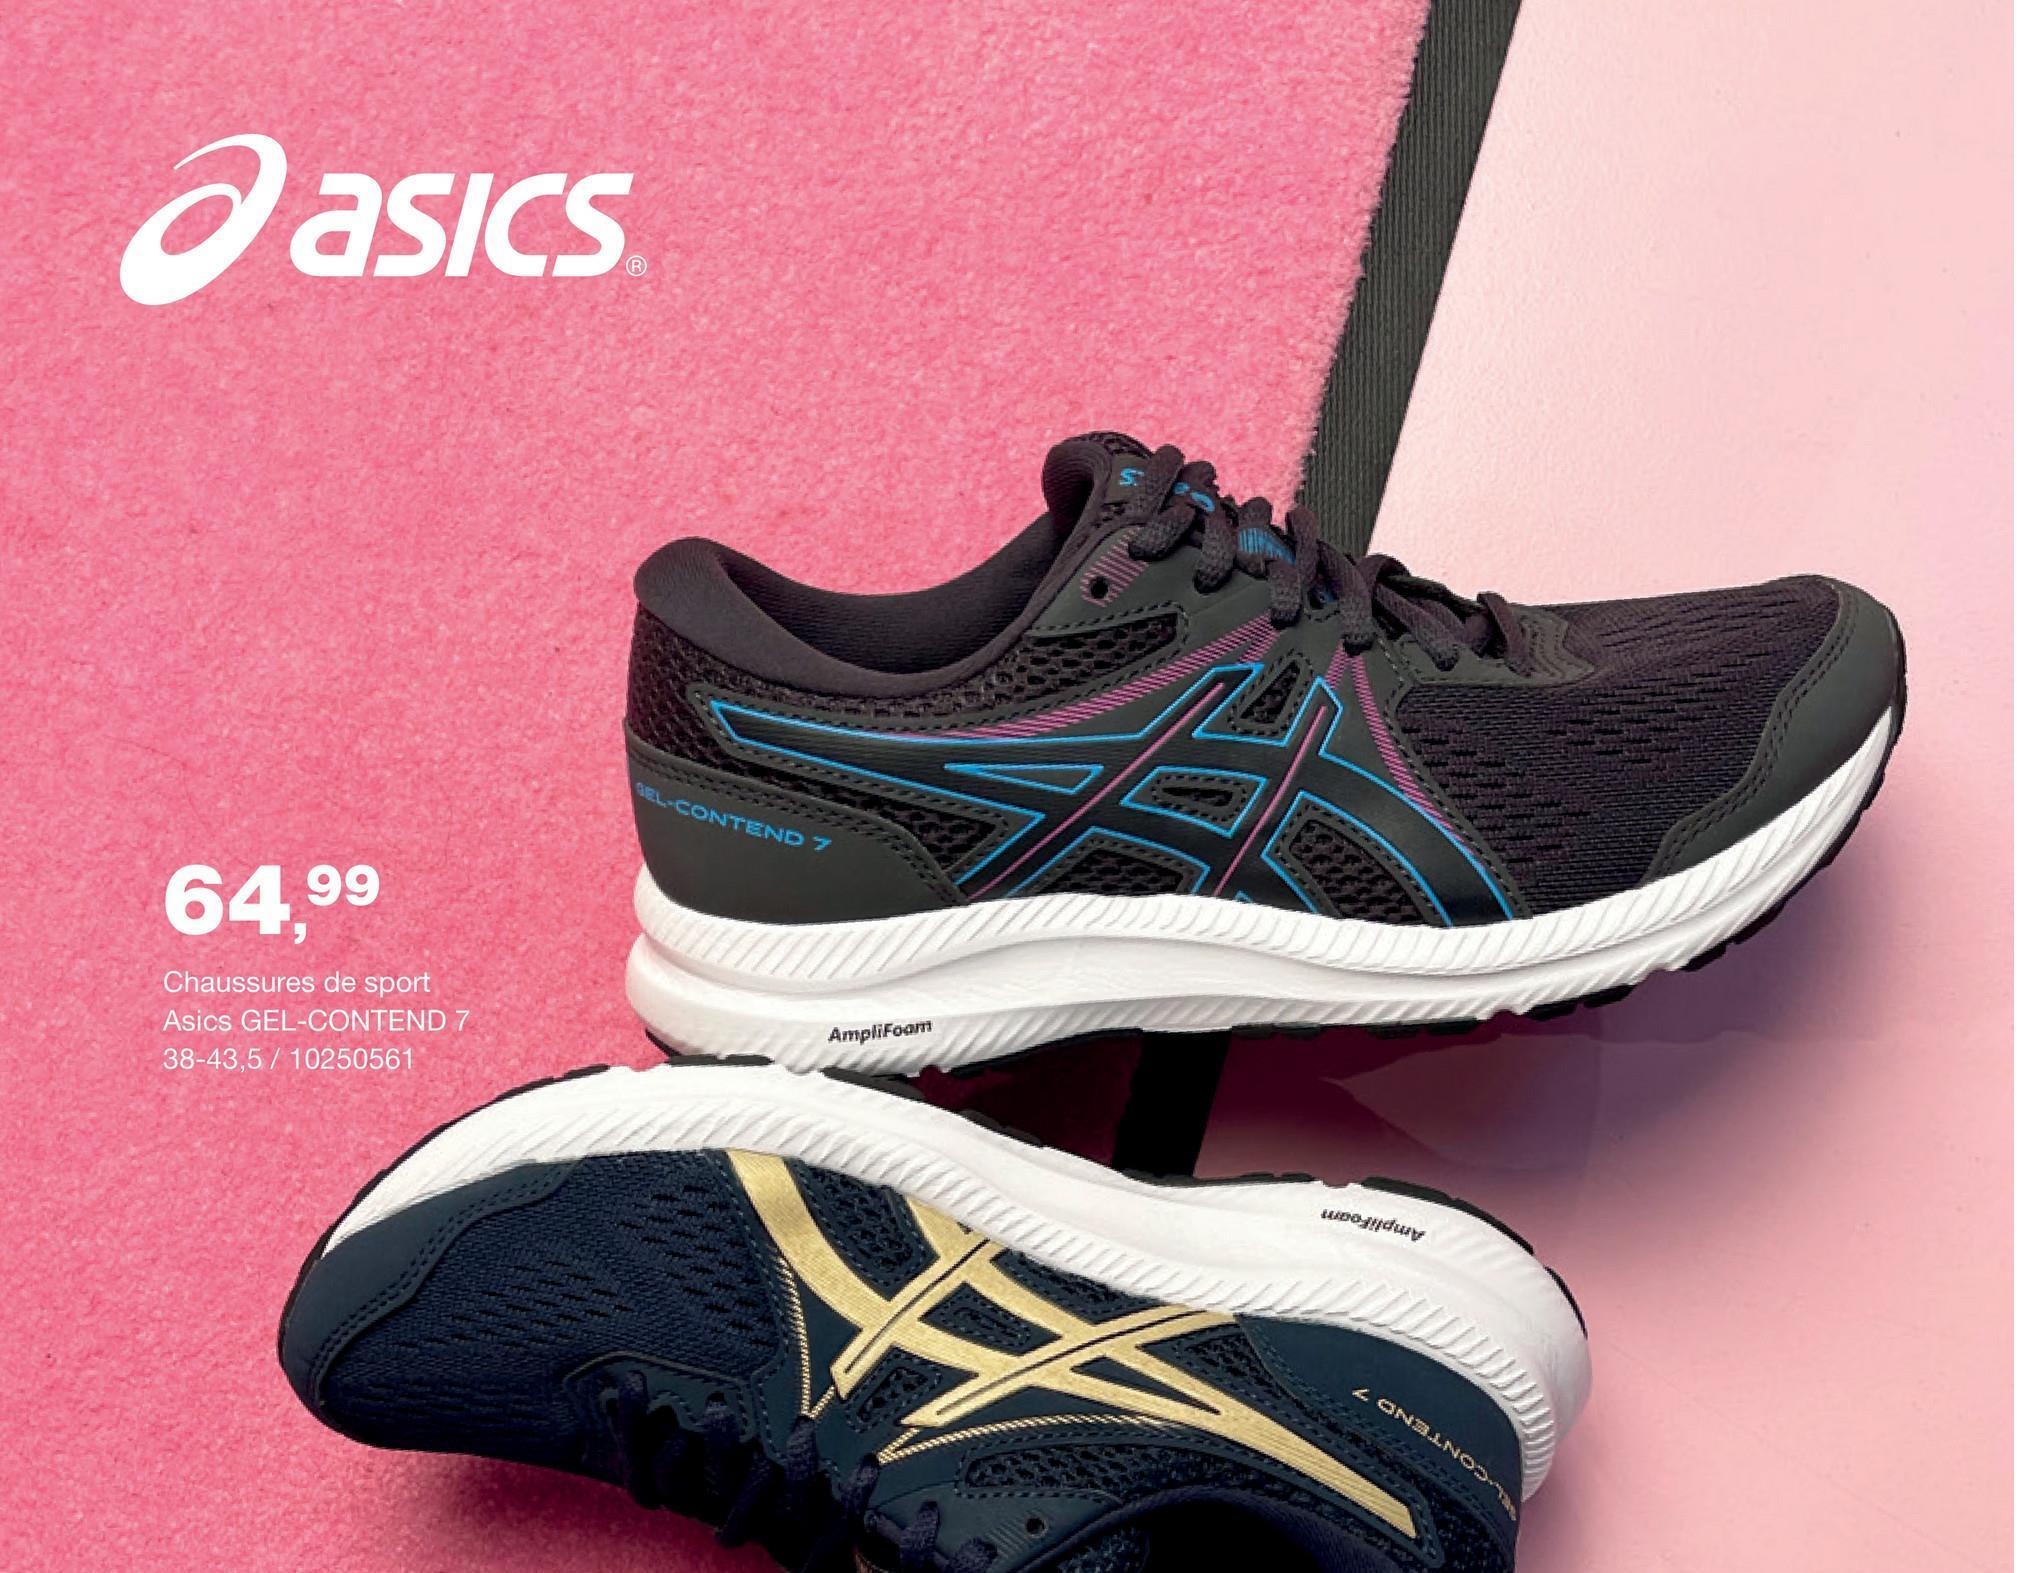 Chaussure de course Gel Contend 7 Asics - Bleu foncé Encore à la recherche d'une chaussure de course qualitative et confortable pour femmes ? Opte alors pour ce Gel Contend 7 à lacets de la marque Asics.